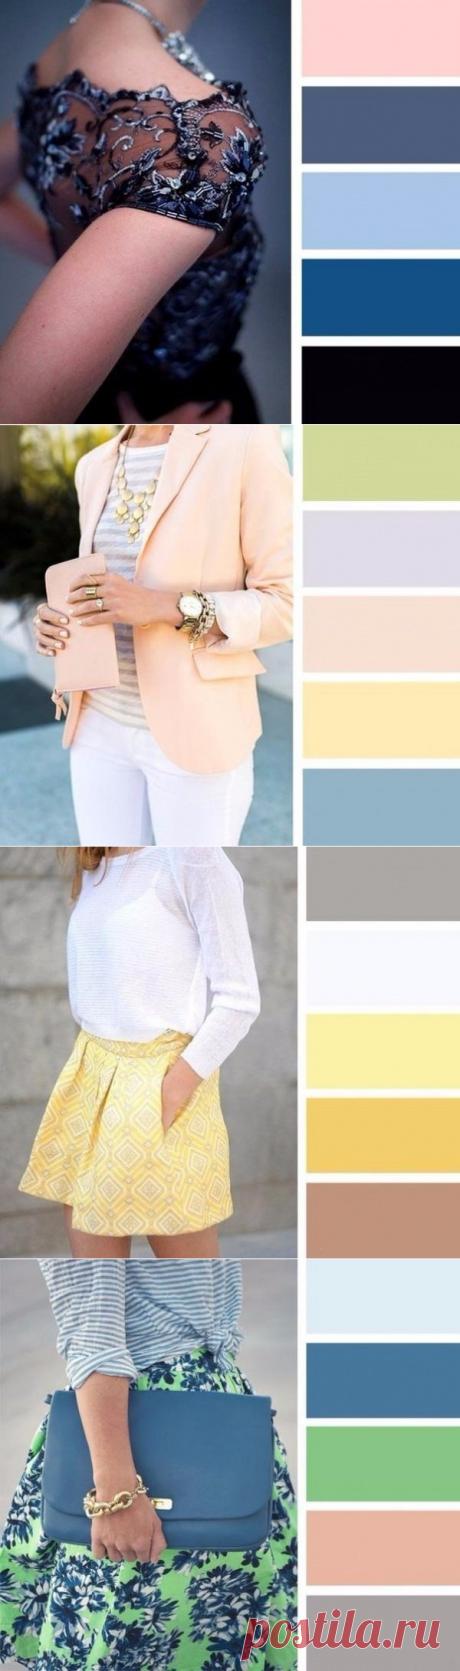 ¡La combinación de los colores en la ropa! — es a la moda \/ Nemodno